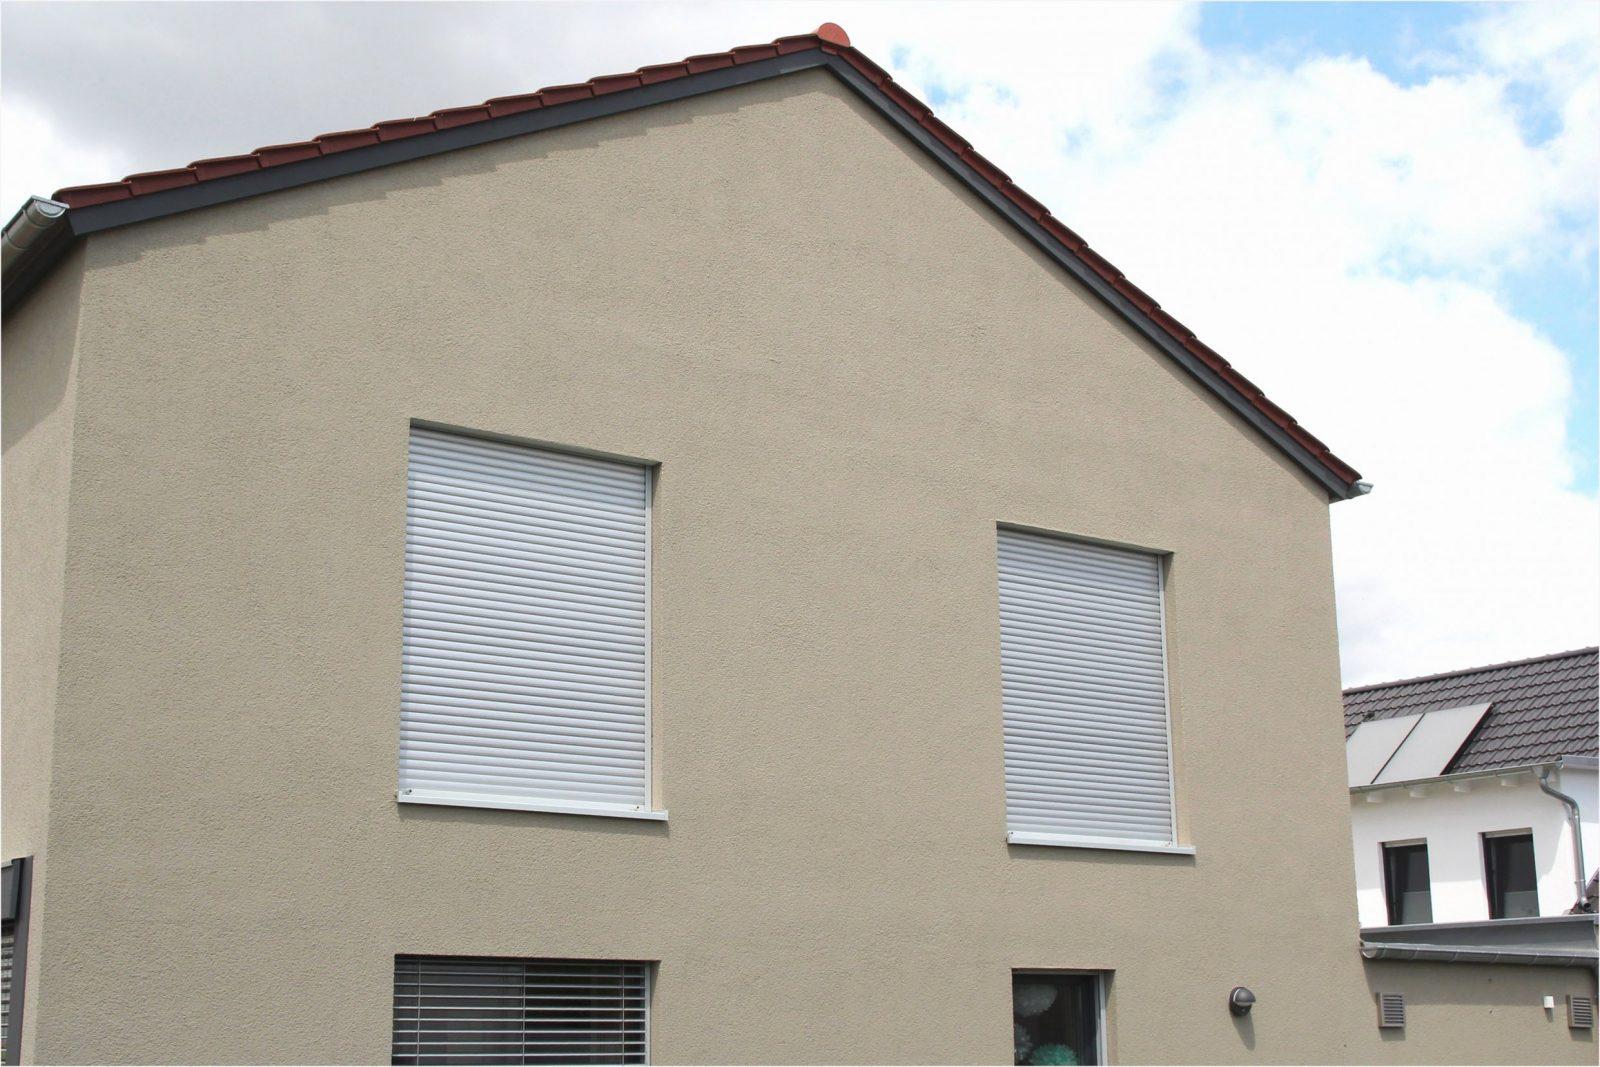 52 Frisch Für Holzfassade Kosten Pro Qm Oberteil von Fassade Streichen Kosten Pro Qm Photo